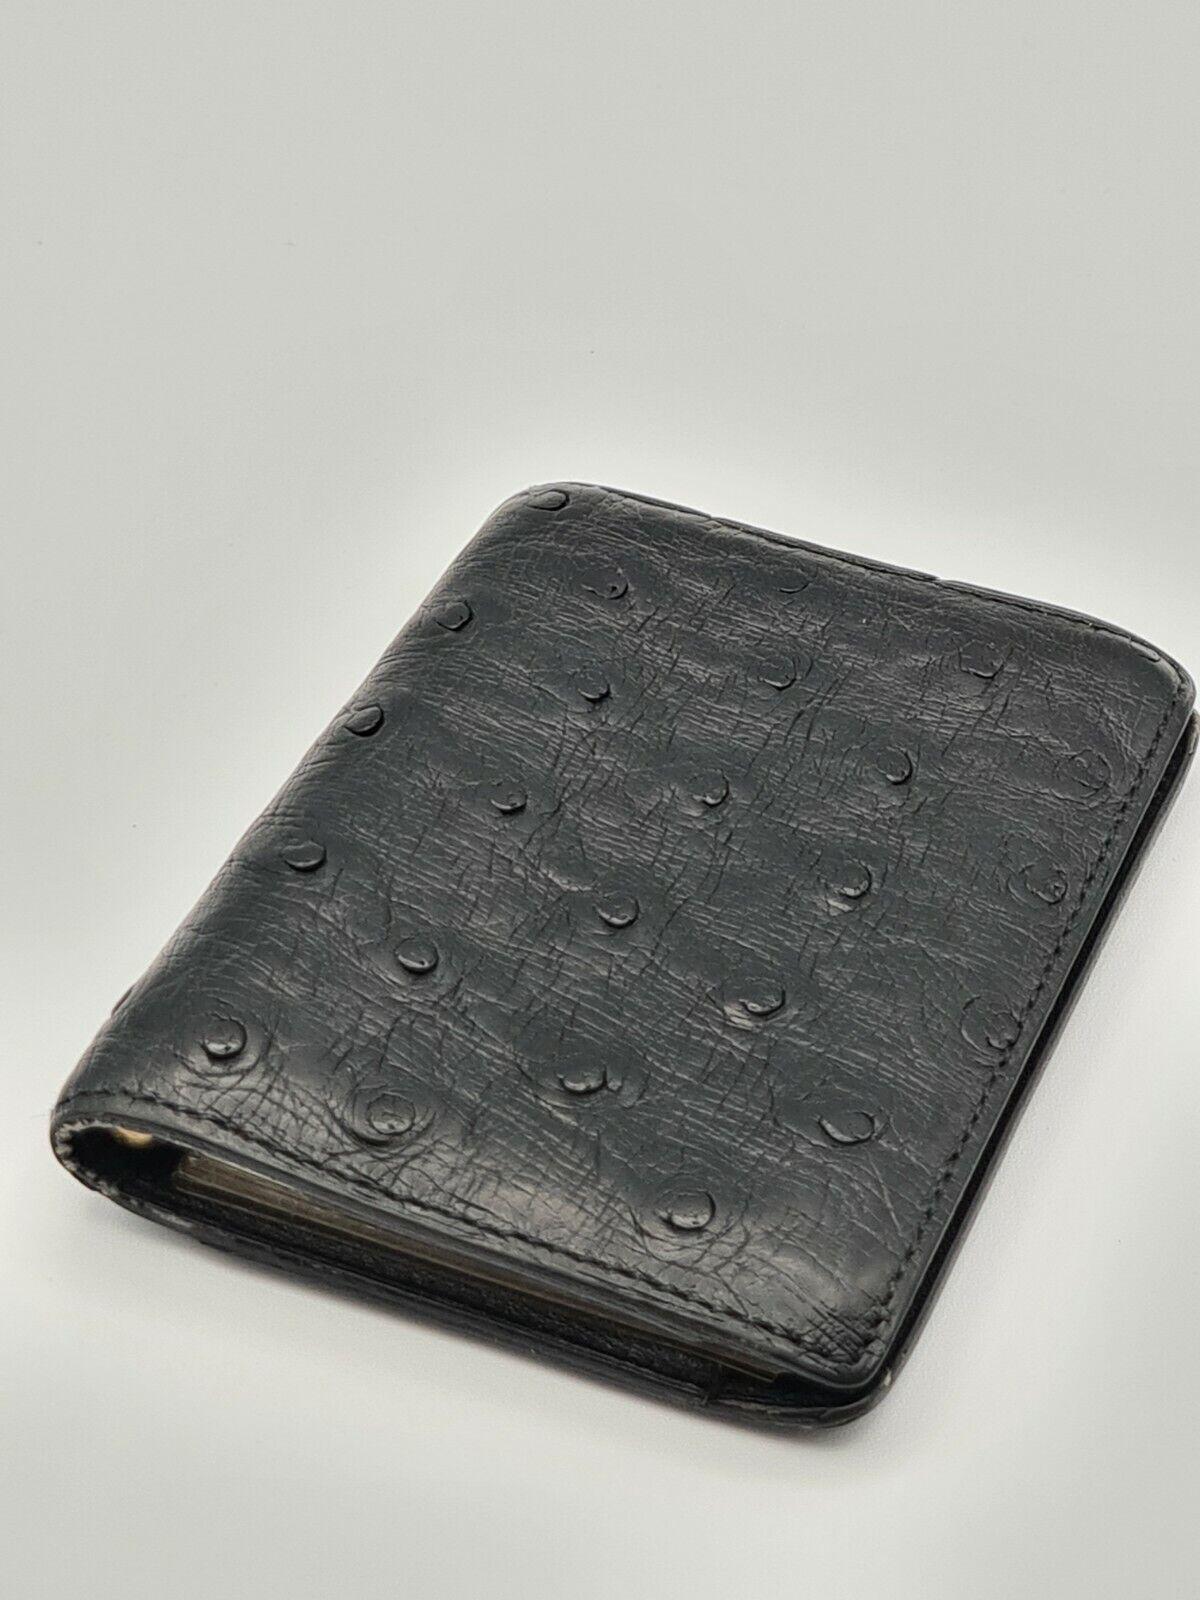 Delvaux Scarce Vintage Schwarz Strauß Leder Unisex Kartenfach Etui